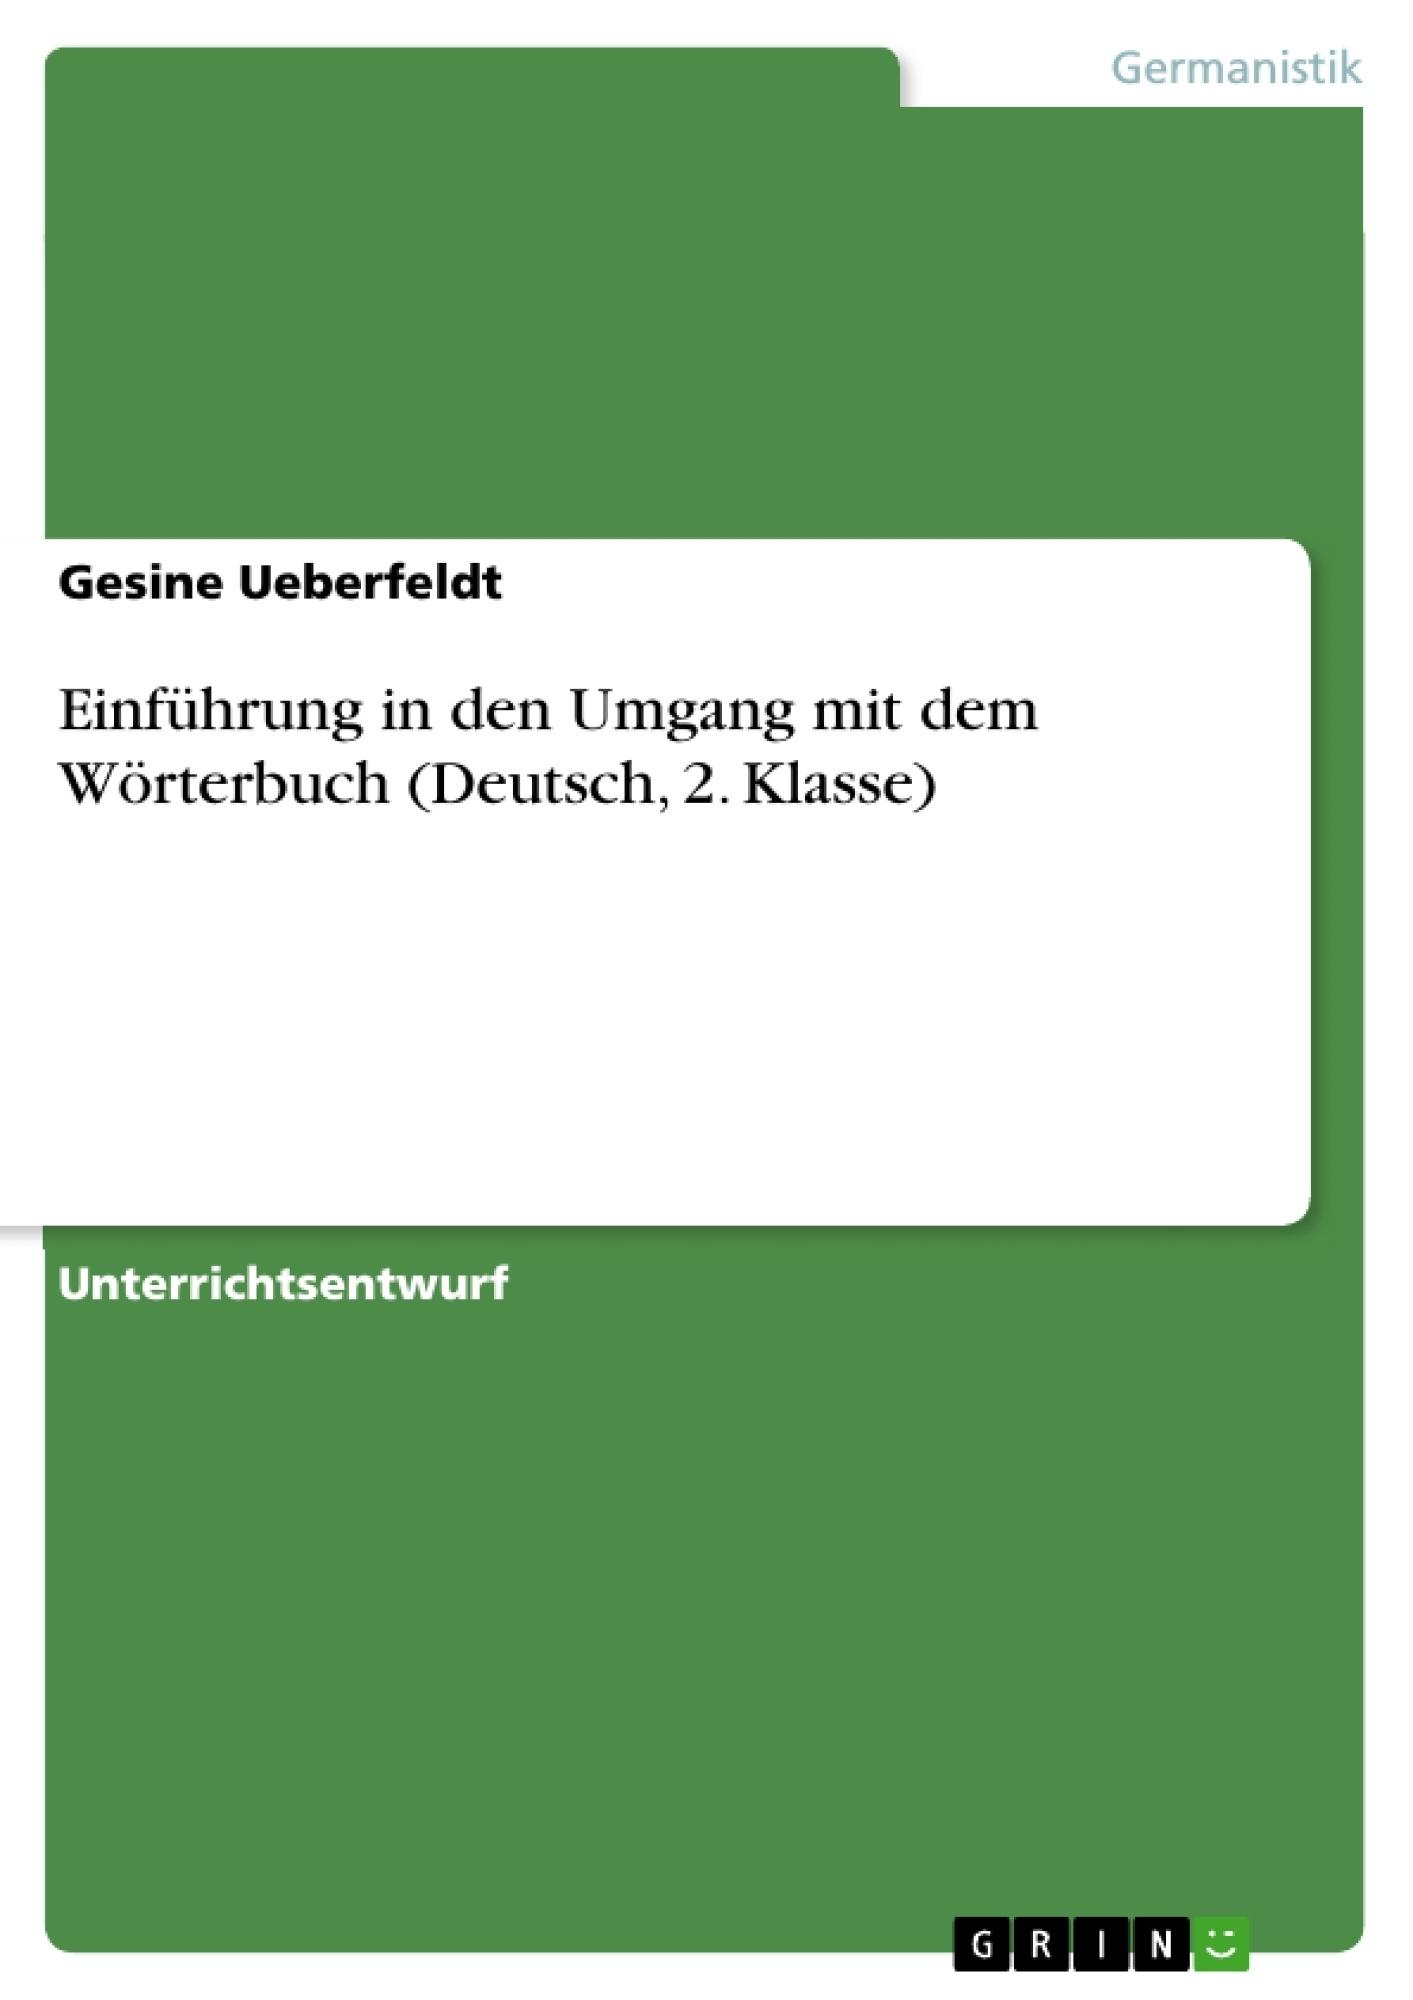 Titel: Einführung in den Umgang mit dem Wörterbuch (Deutsch, 2. Klasse)